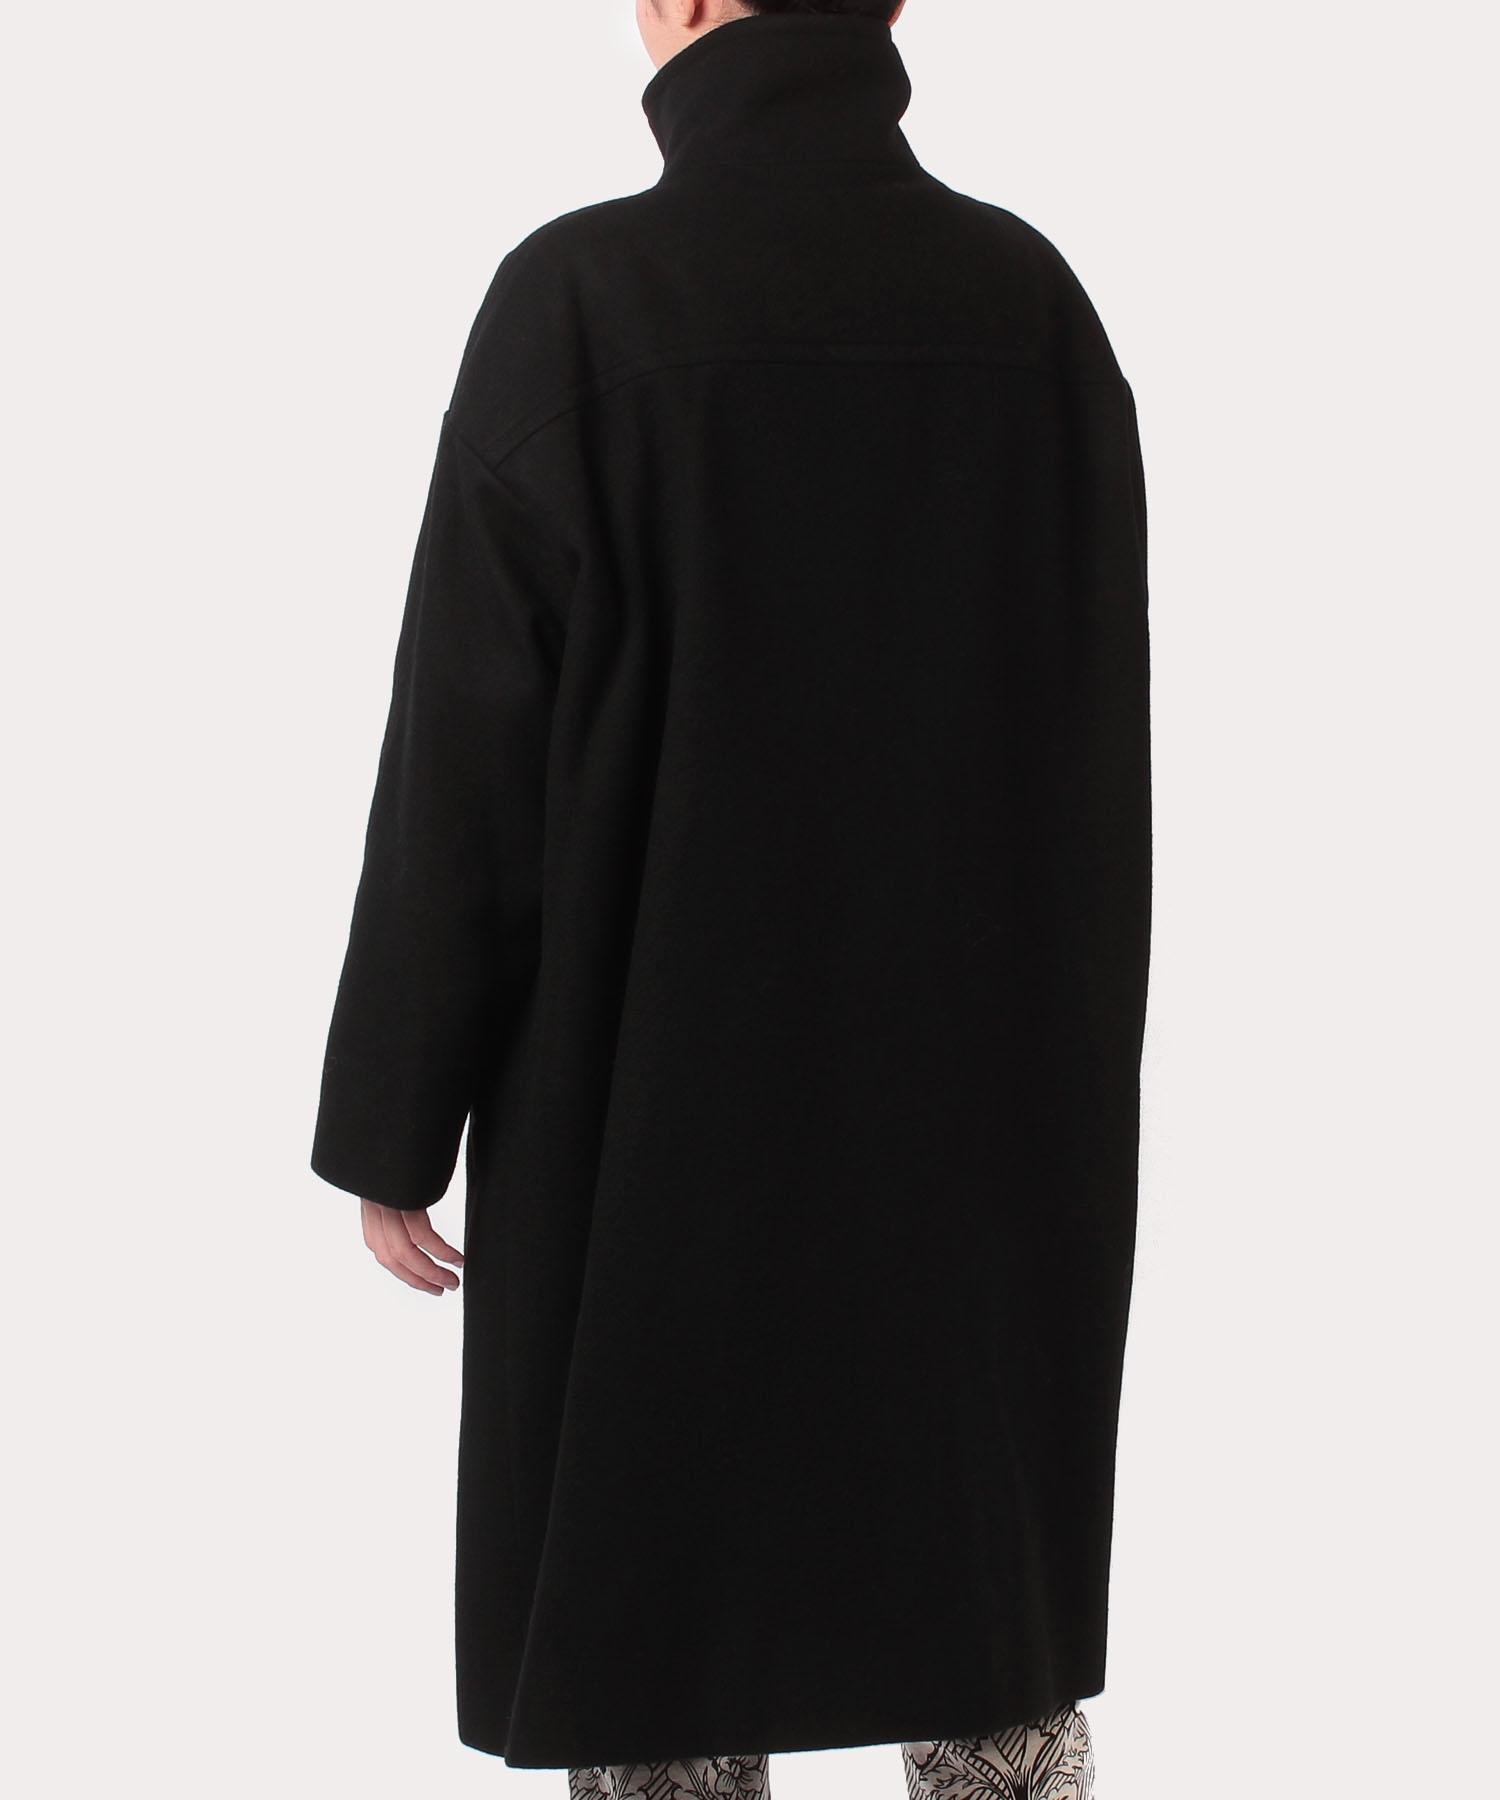 ウールメルトン スタンドカラーコート